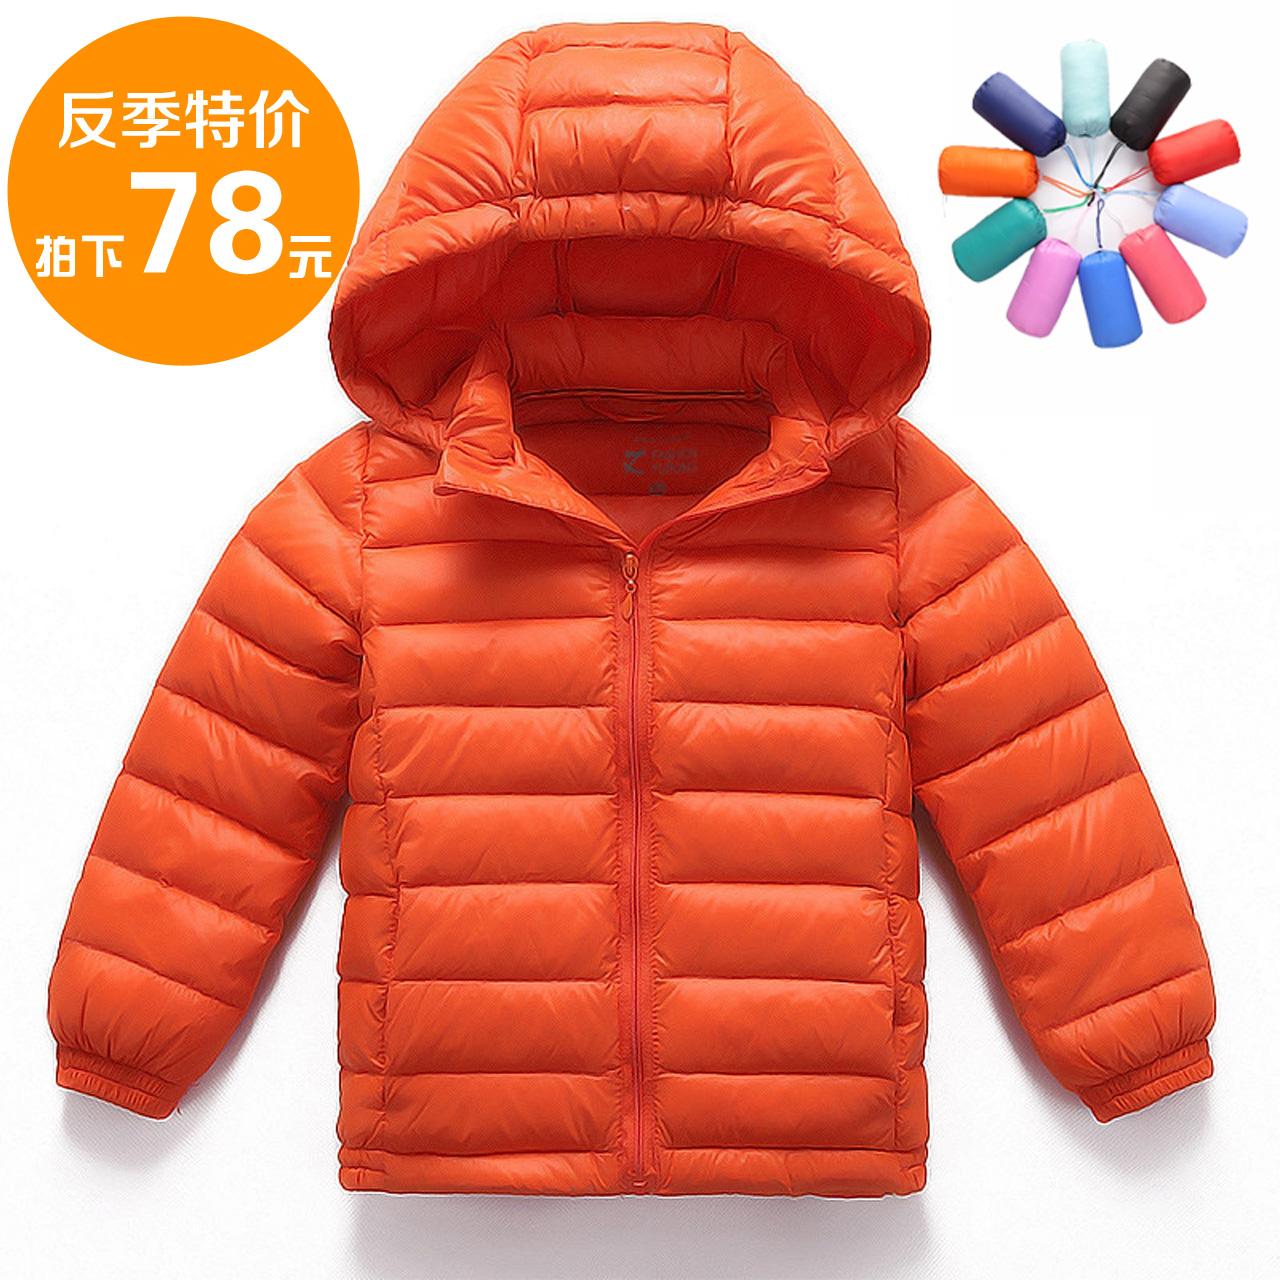 Сезон уборки ребятишки закрытый ребенок куртка мальчиков девочки куртка тонкая небольшой ребенок куртка